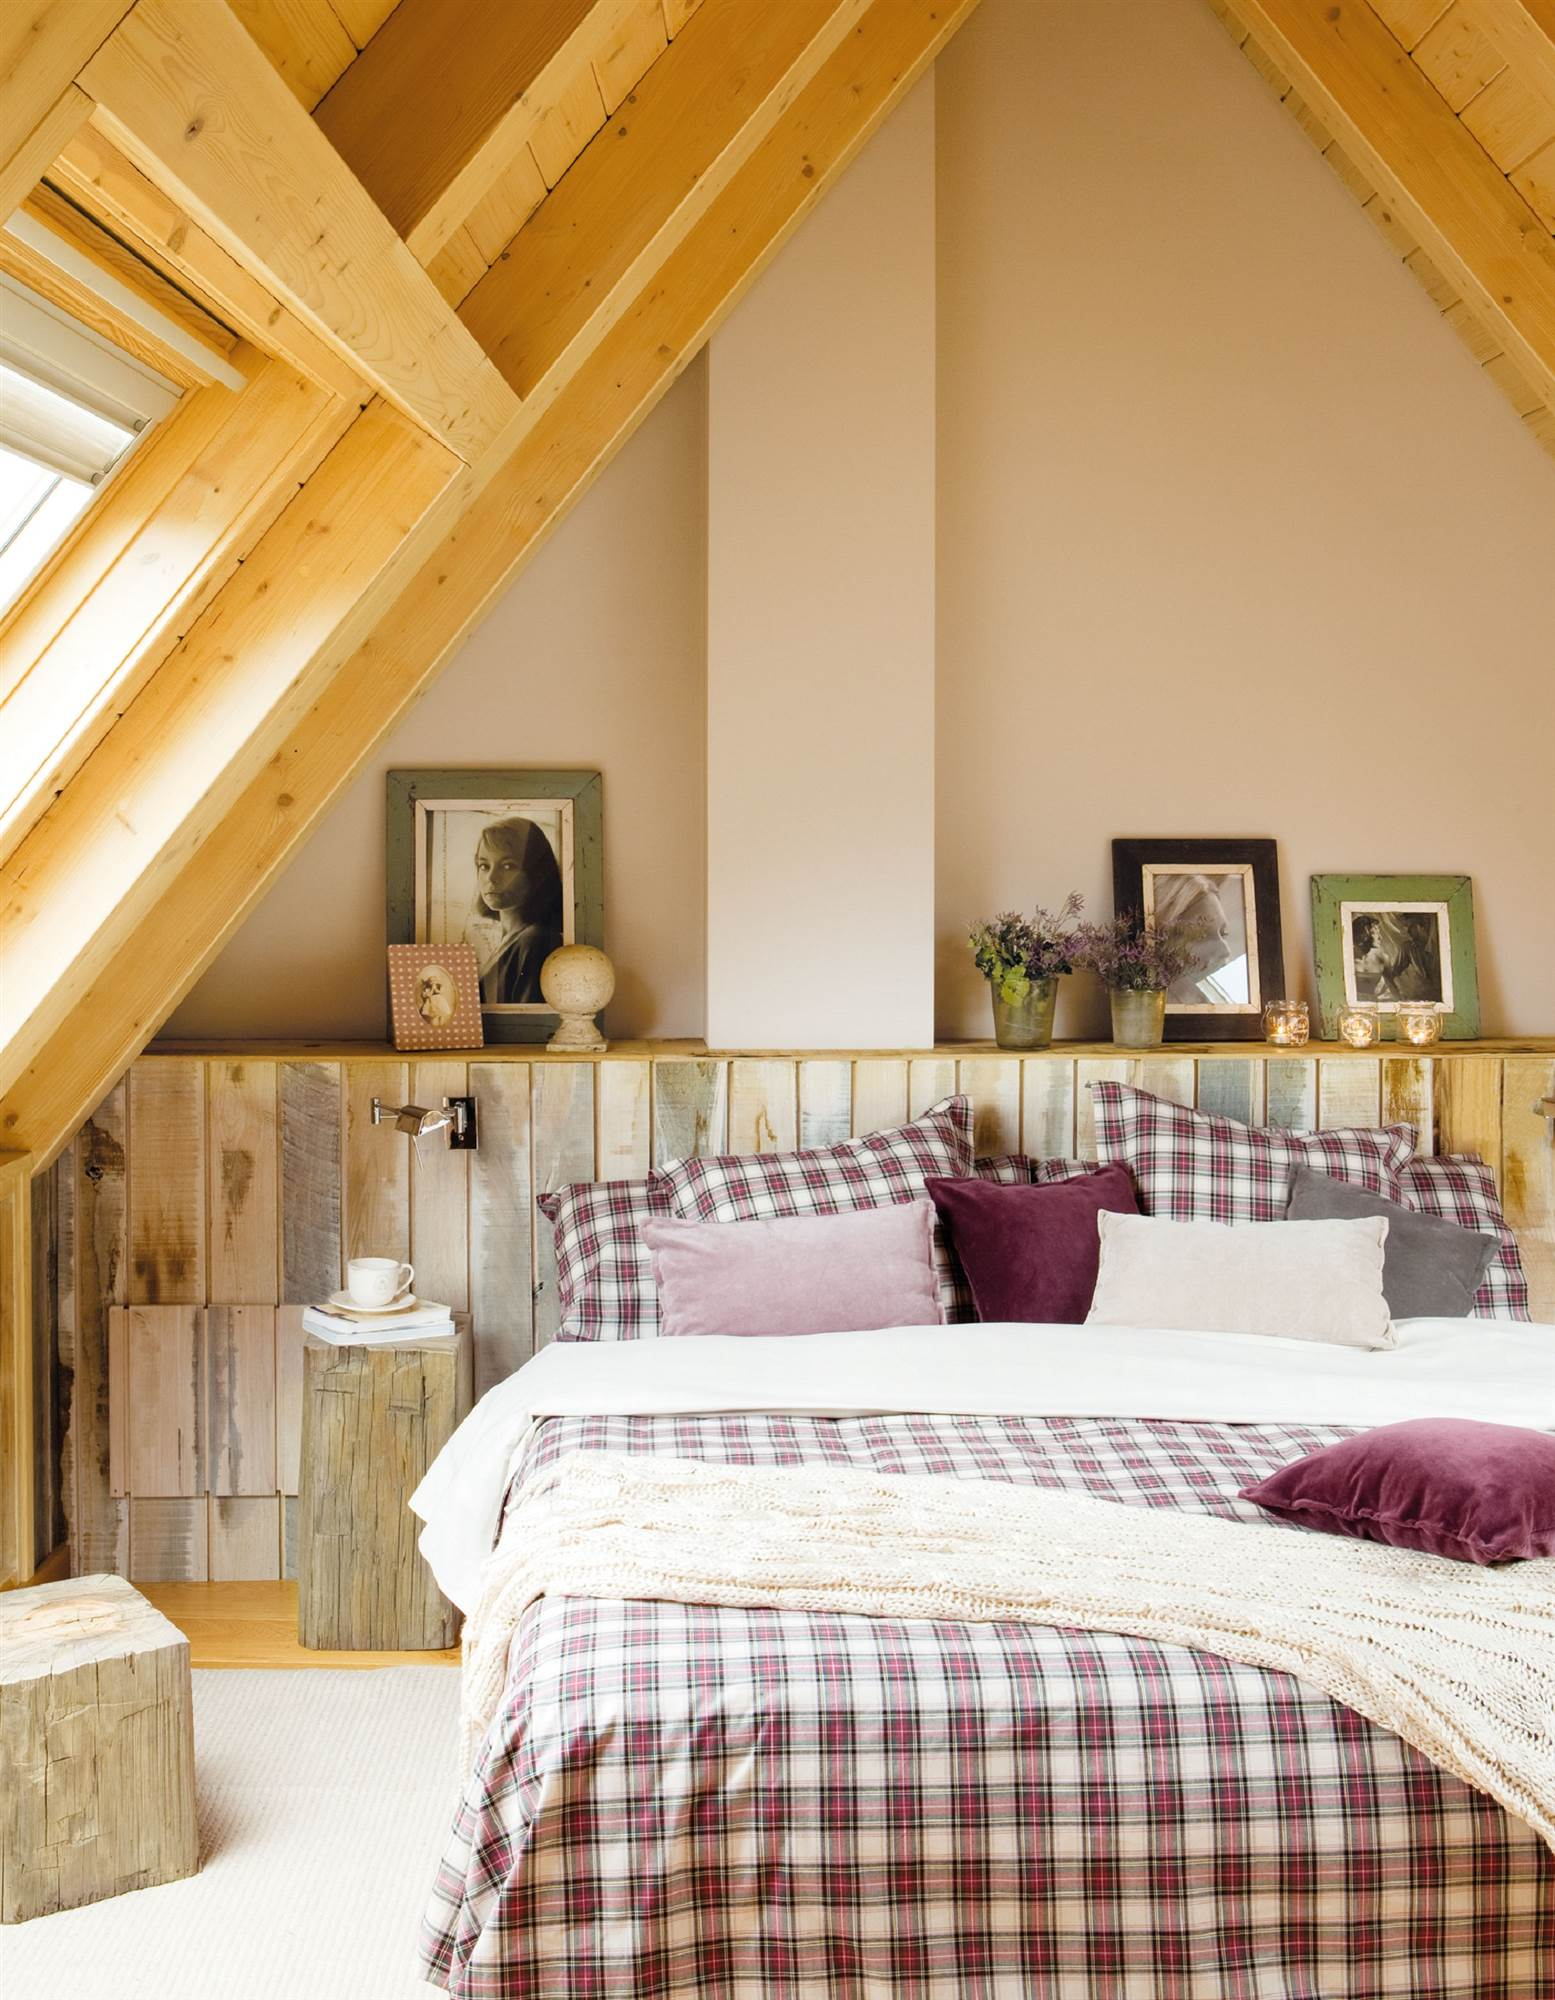 Pinturas para cabeceros de cama free cabeceros originales cama dormitorio moderno cuadros - Cuadros para cabeceros de cama ...